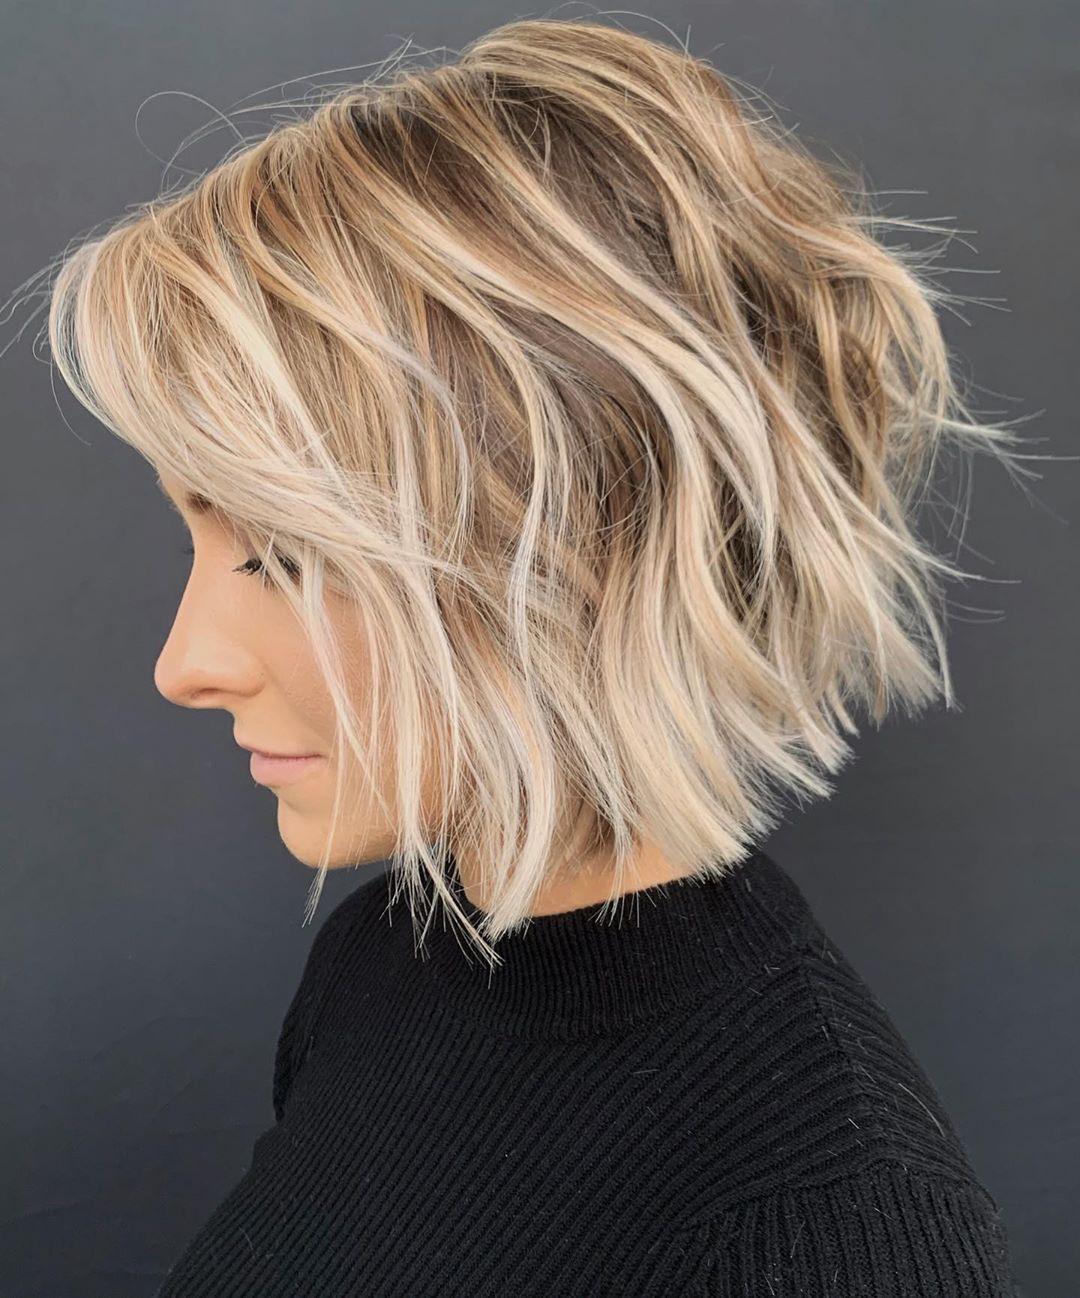 10 Stylish Short Wavy Bob Haircuts For Women Short Bob Haircut 2020 2021